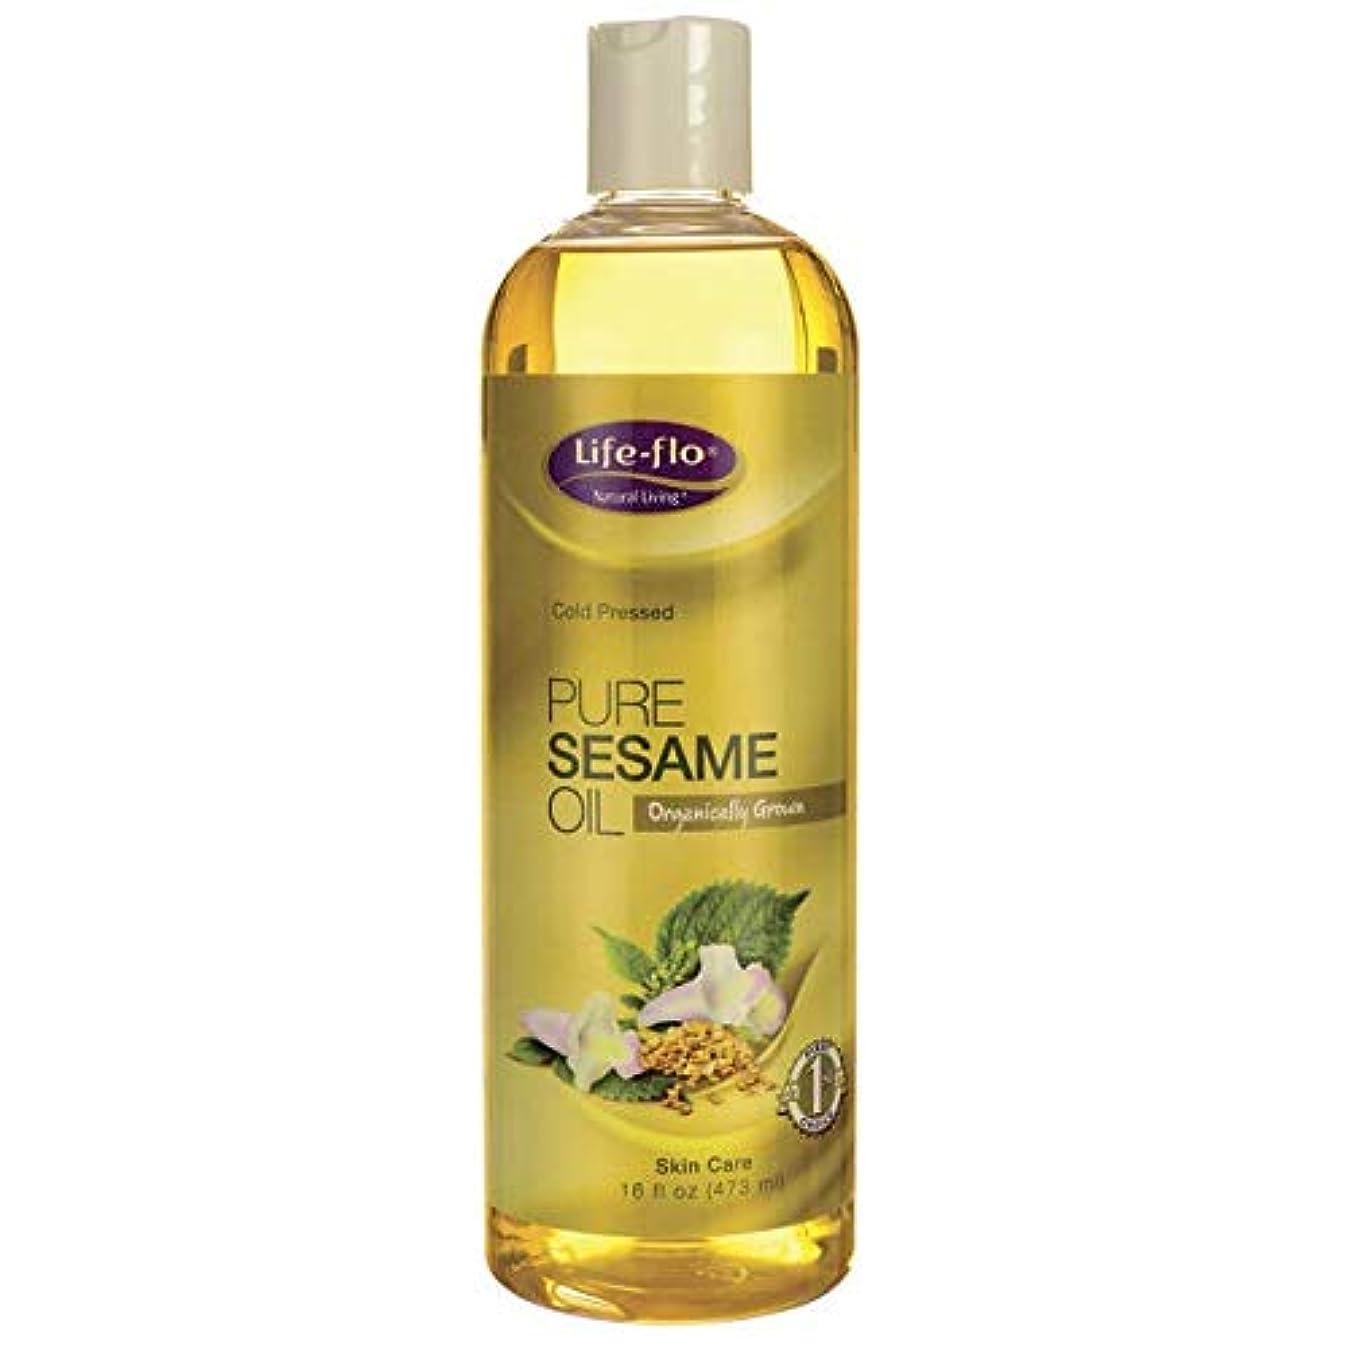 蜂支払い幾分海外直送品Pure Sesame Oil, 16 oz by Life-Flo